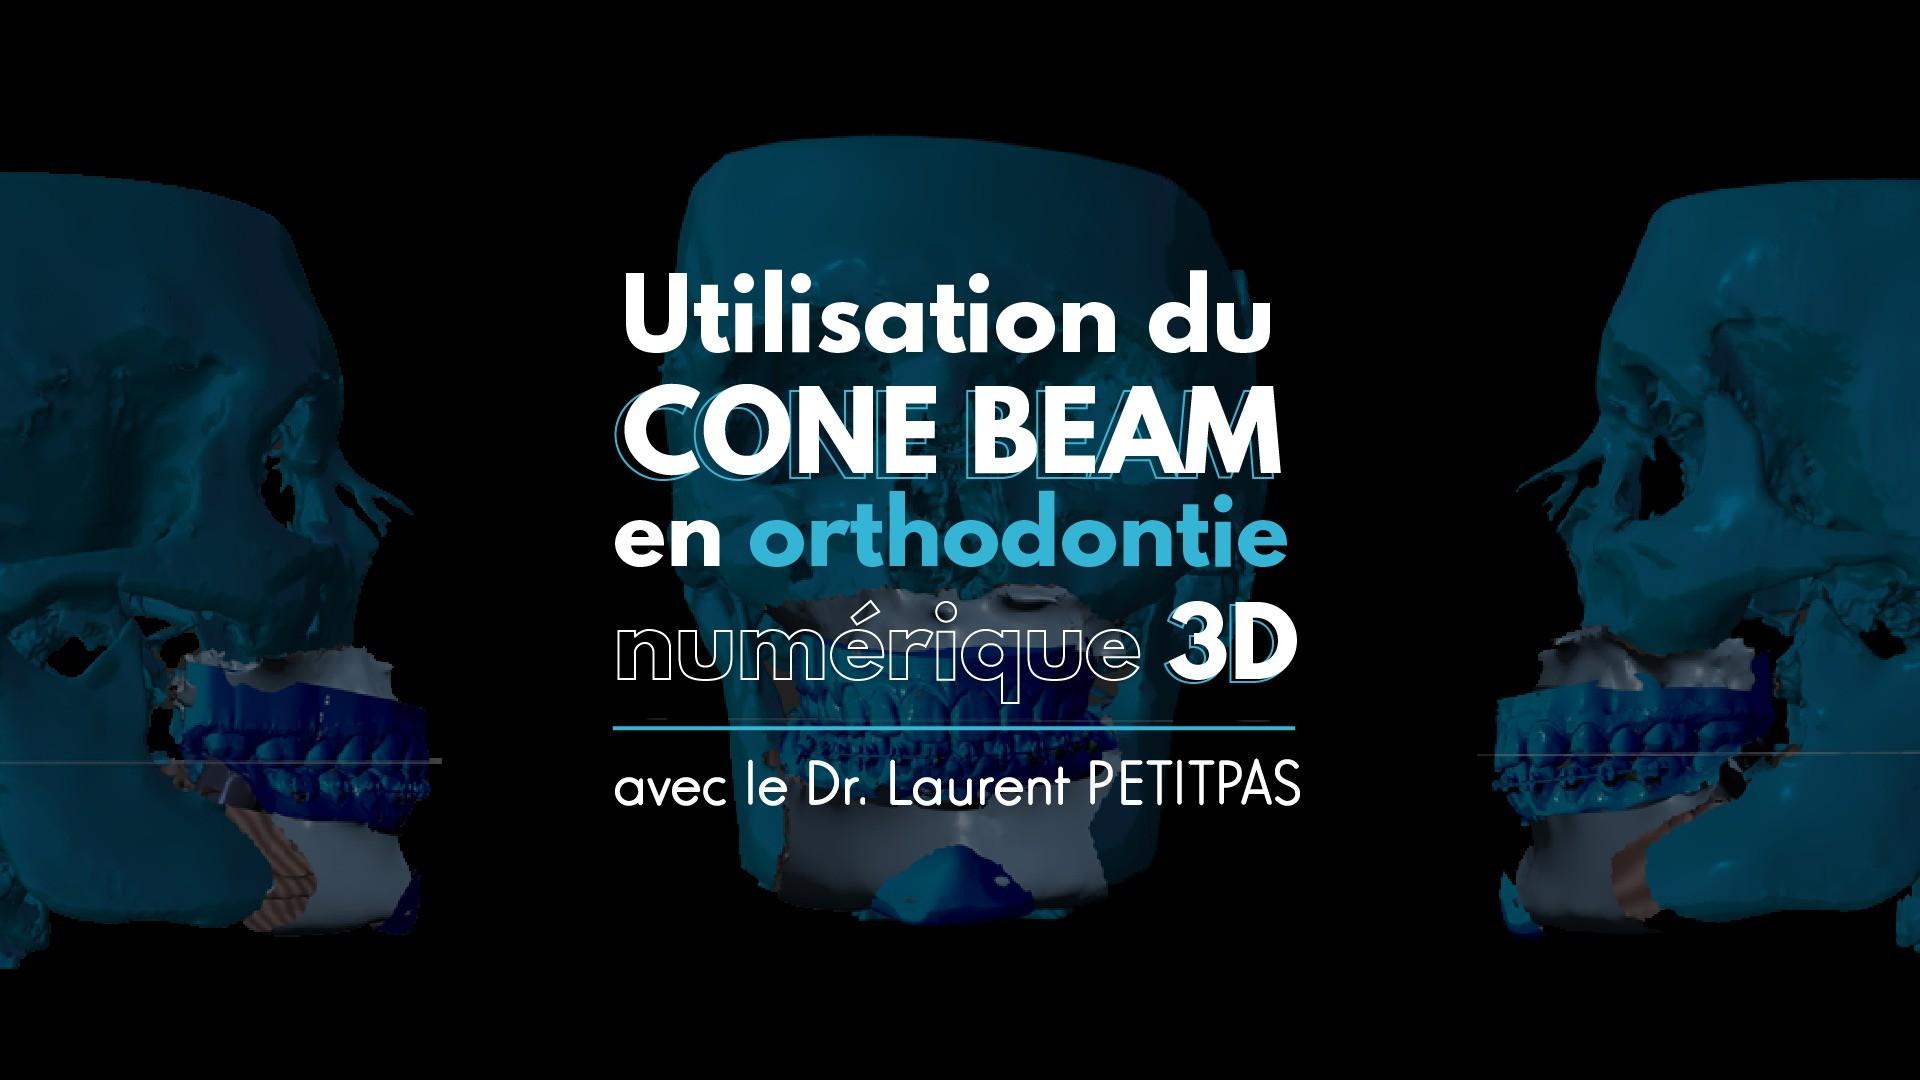 Utilisation du Cone Beam en orthodontie numérique 3D